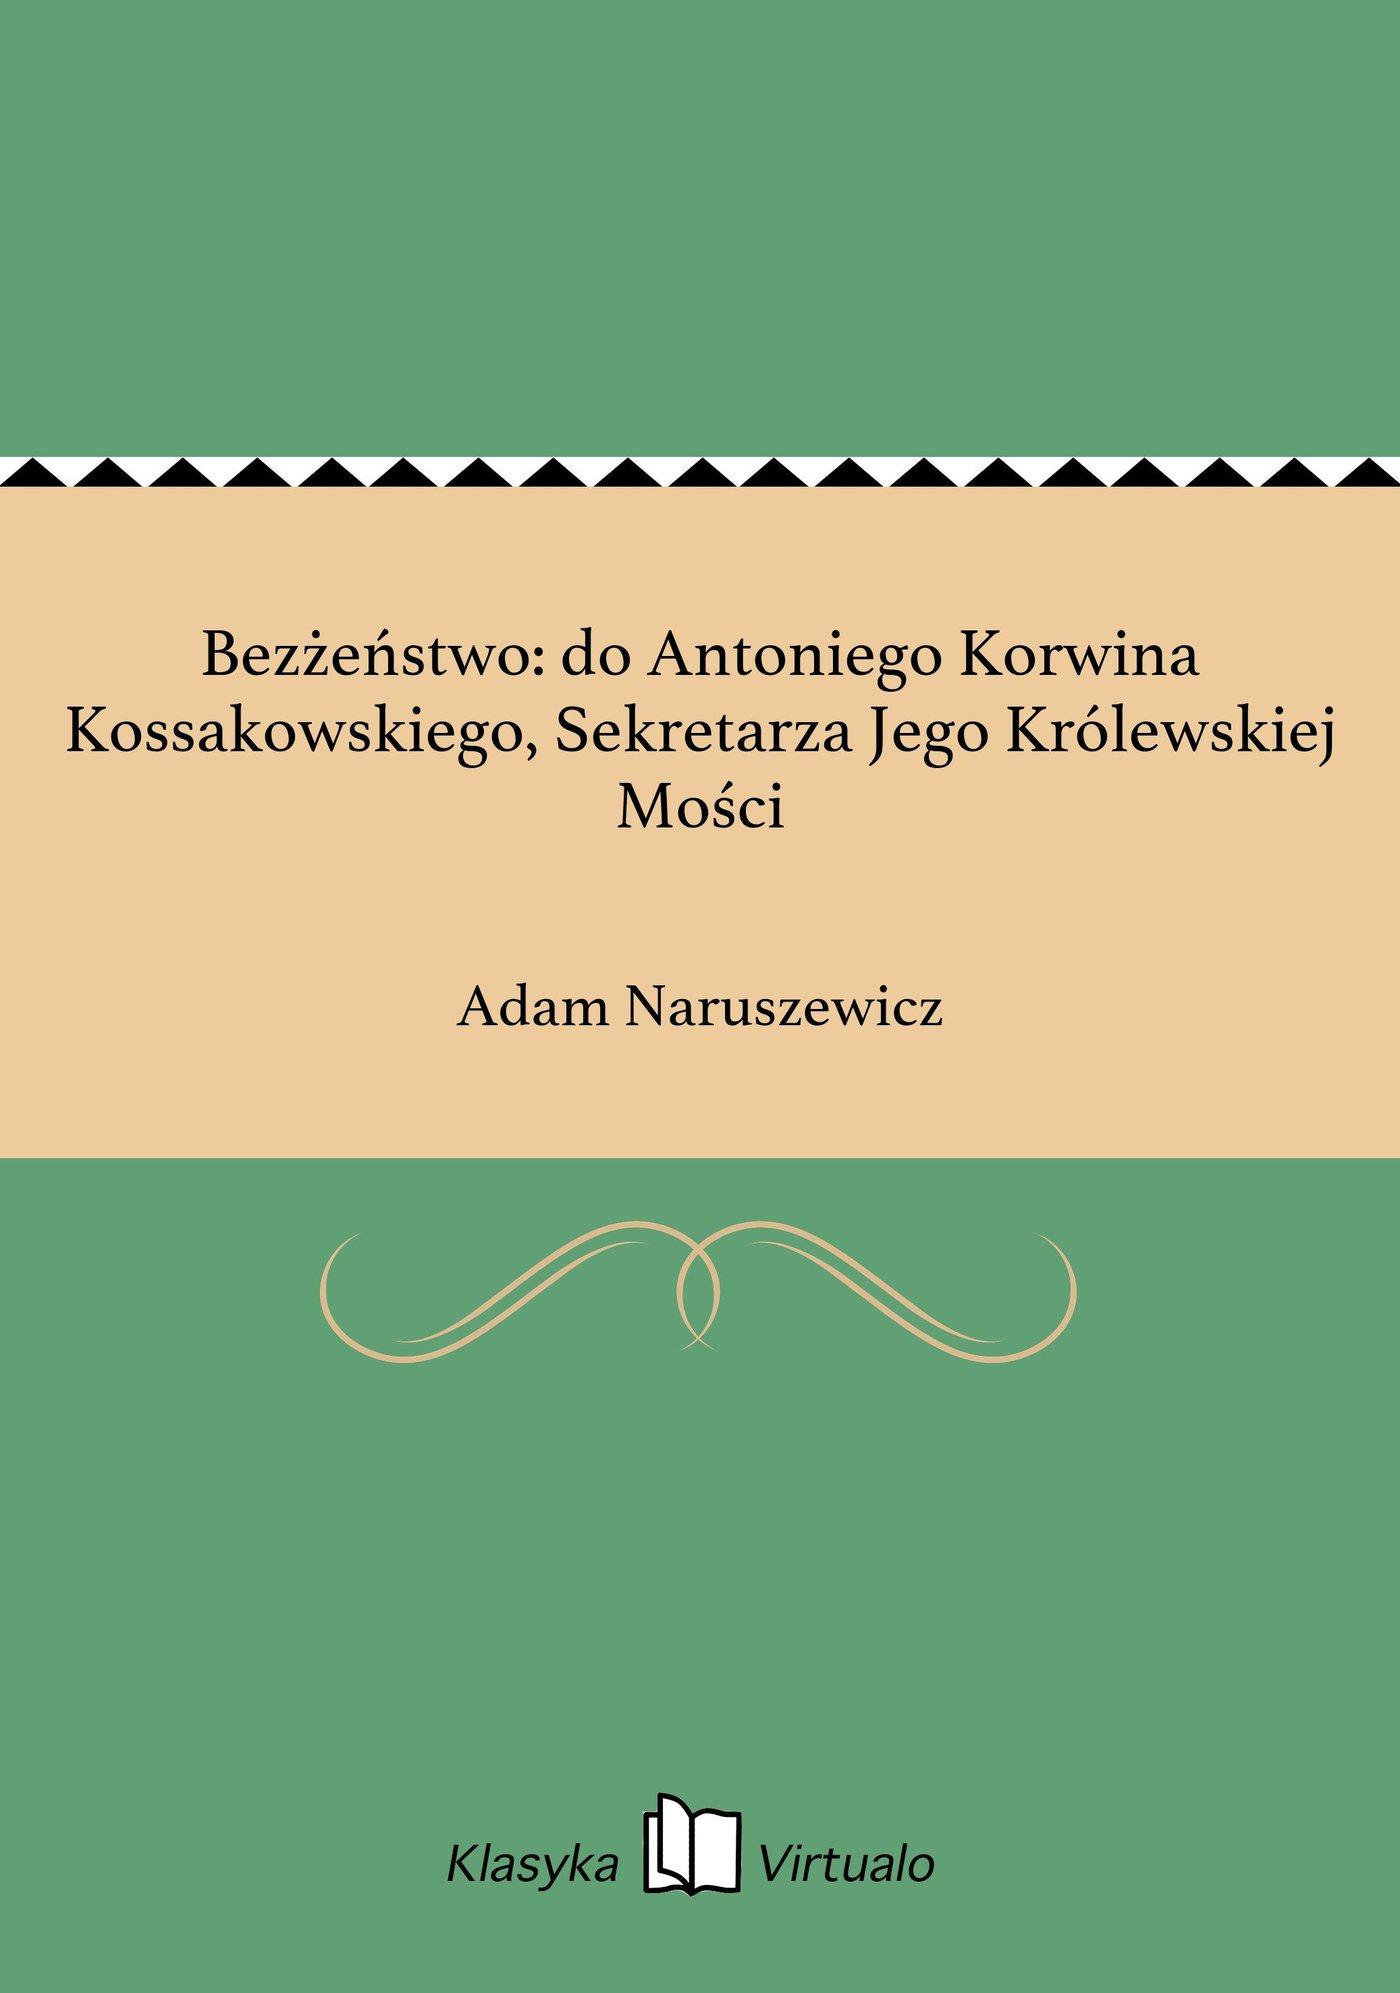 Bezżeństwo: do Antoniego Korwina Kossakowskiego, Sekretarza Jego Królewskiej Mości - Ebook (Książka na Kindle) do pobrania w formacie MOBI